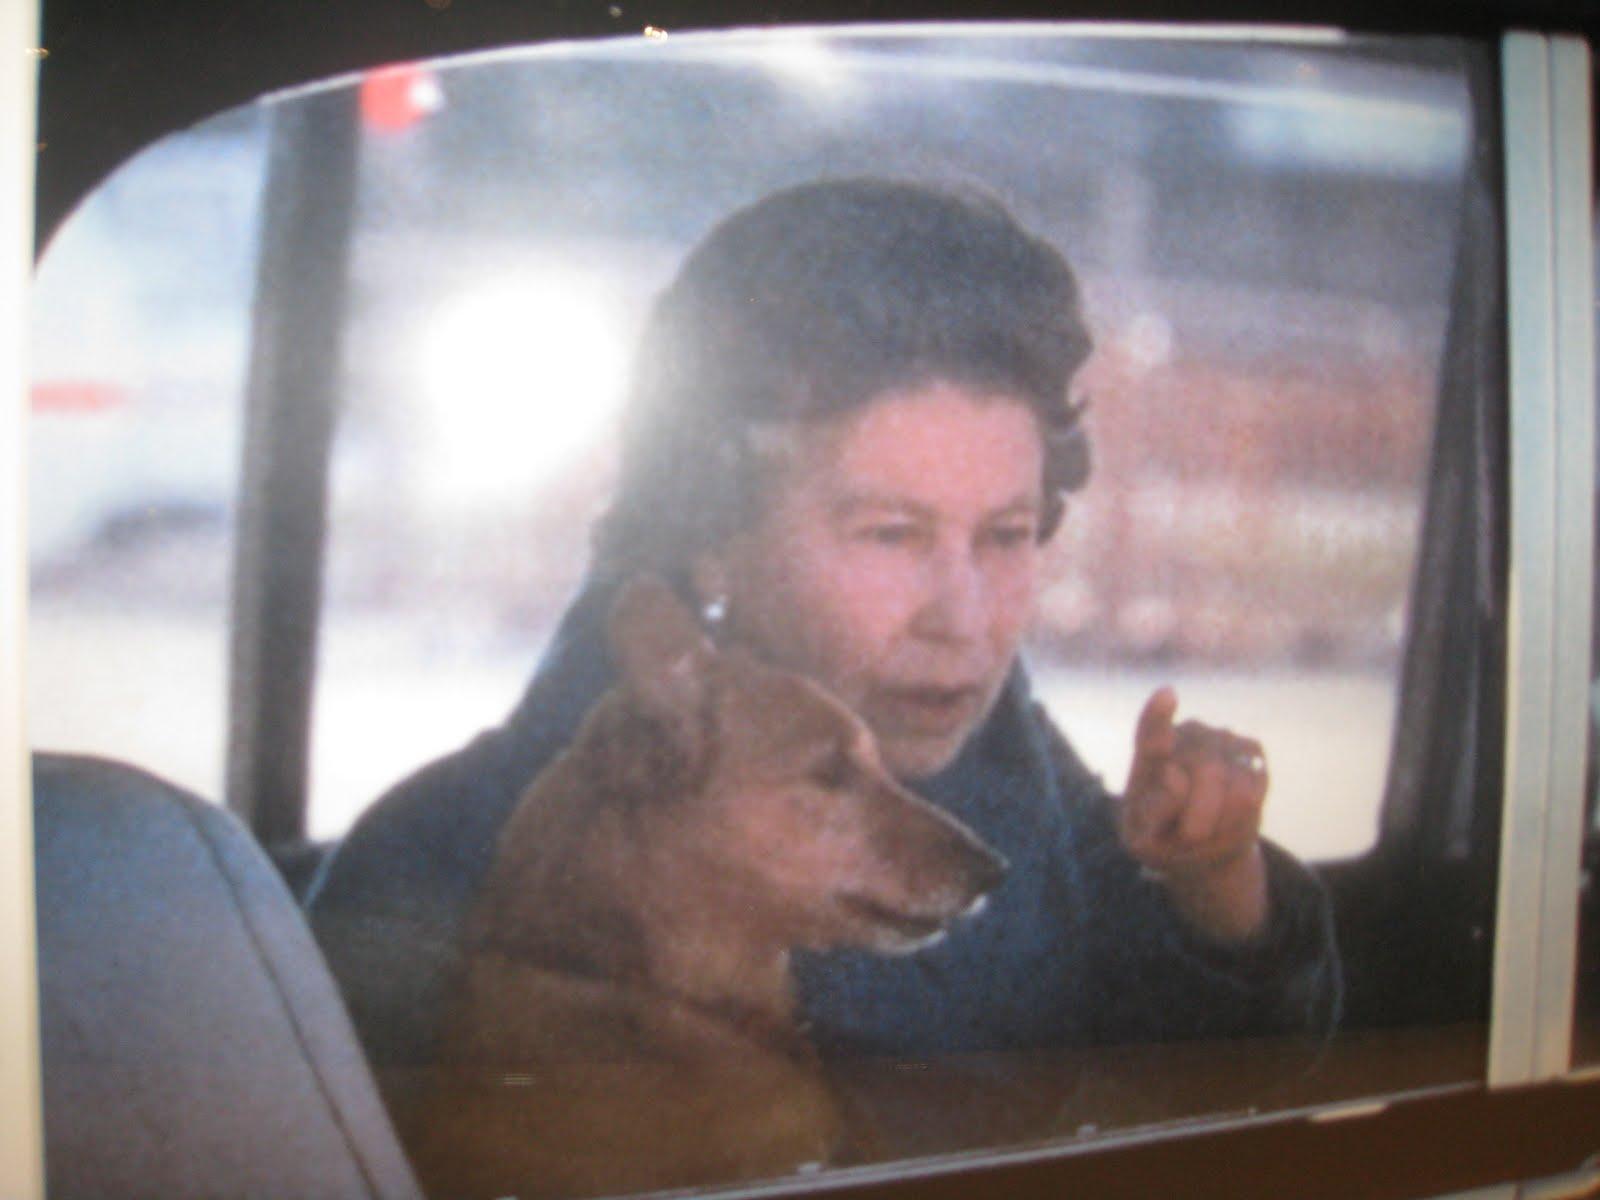 International luxury consulting stephane bern dedicace son livre une vie de chiens les - Compagnon de stephane bern ...